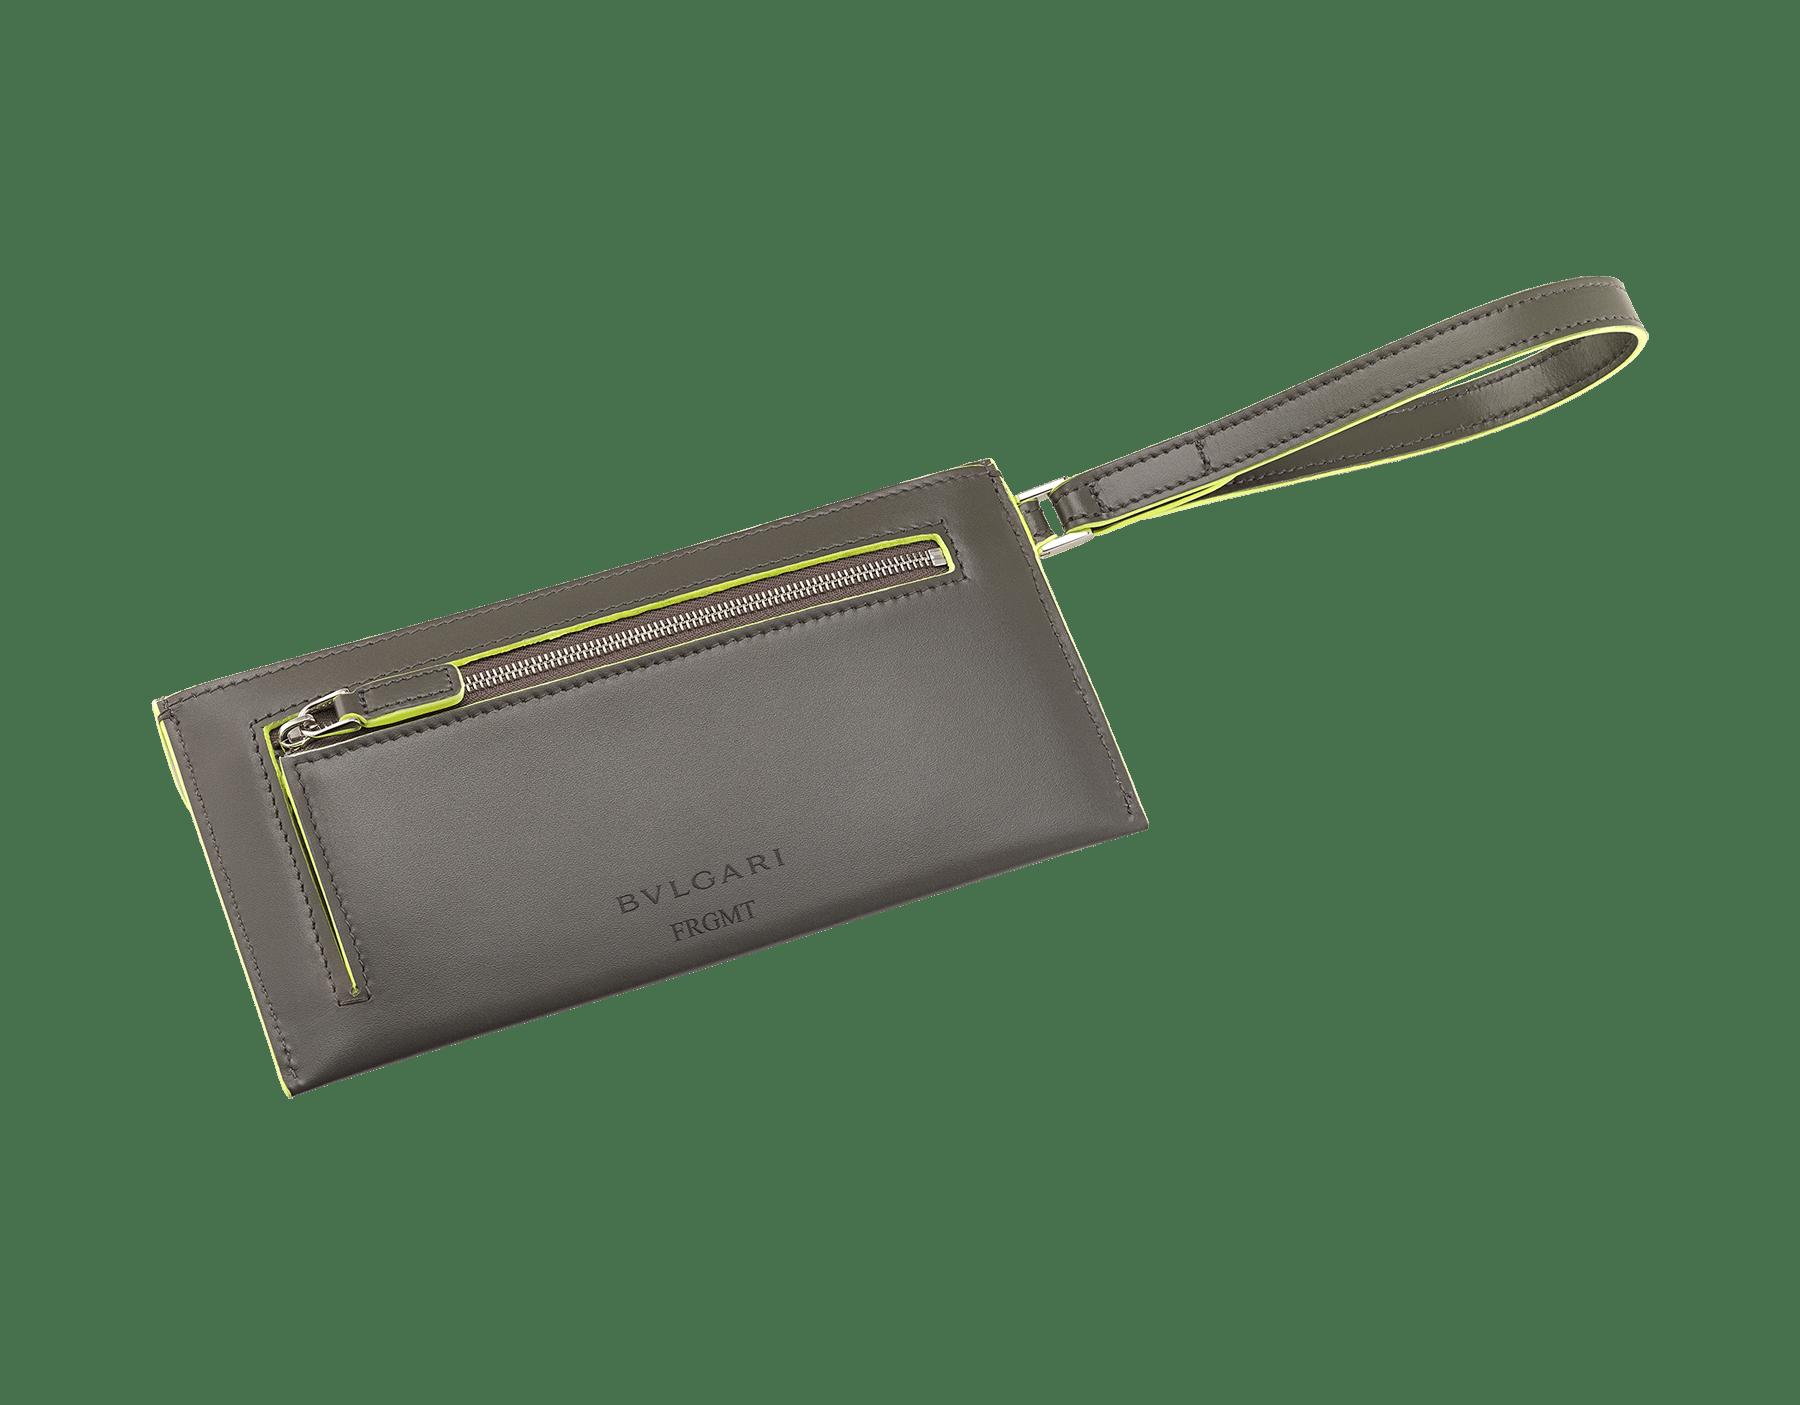 BVLGARI x FRAGMENT by Hiroshi Fujiwara 「セルペンティ フォーエバー」エンベロープケース。 ホークアイと蛍光イエローのスムースカーフレザー製。FRAGMENTの稲妻デザインを加えた、シャイニーなパラジウム プレート ブラス製のアイコニックなスネークヘッドスタッドクロージャー。ブラックと蛍光イエローのエナメルにブラックオニキスの目。 289530 image 3